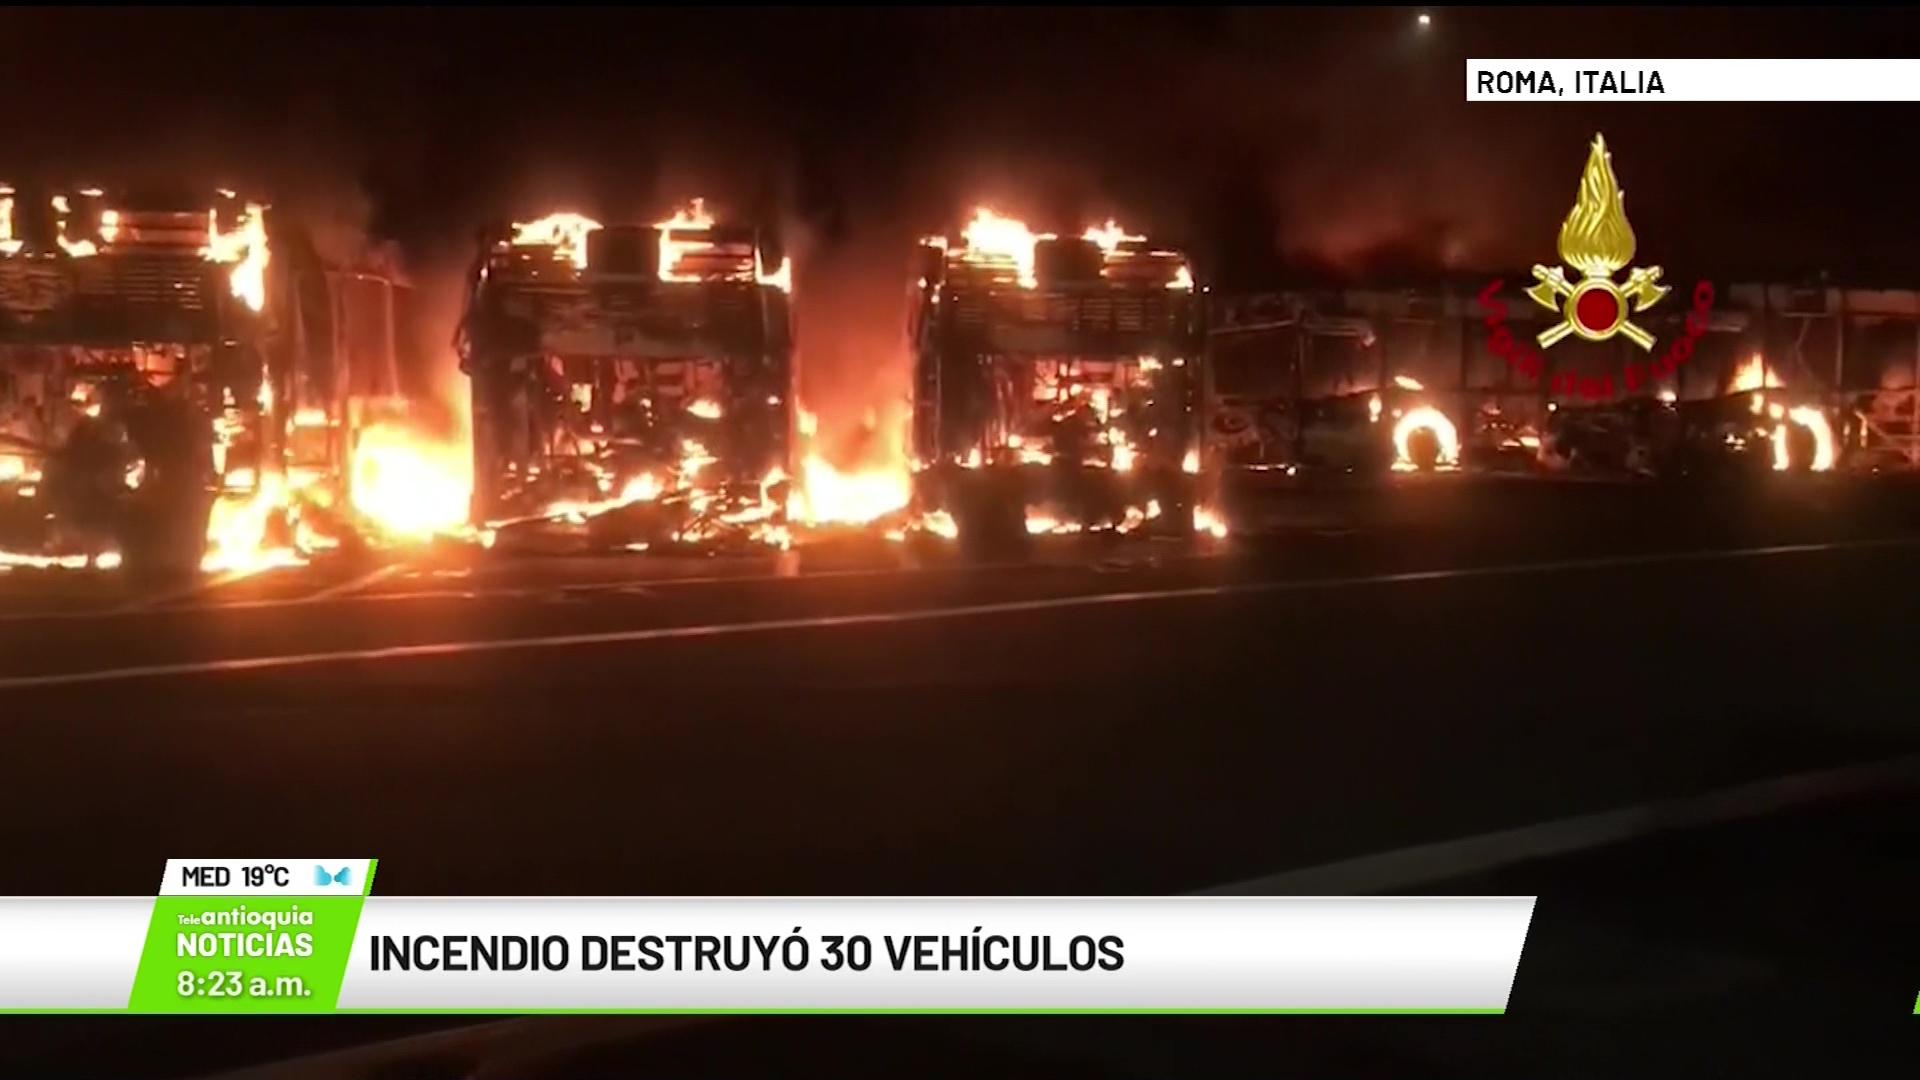 Incendio destruyó 30 vehículos en Roma